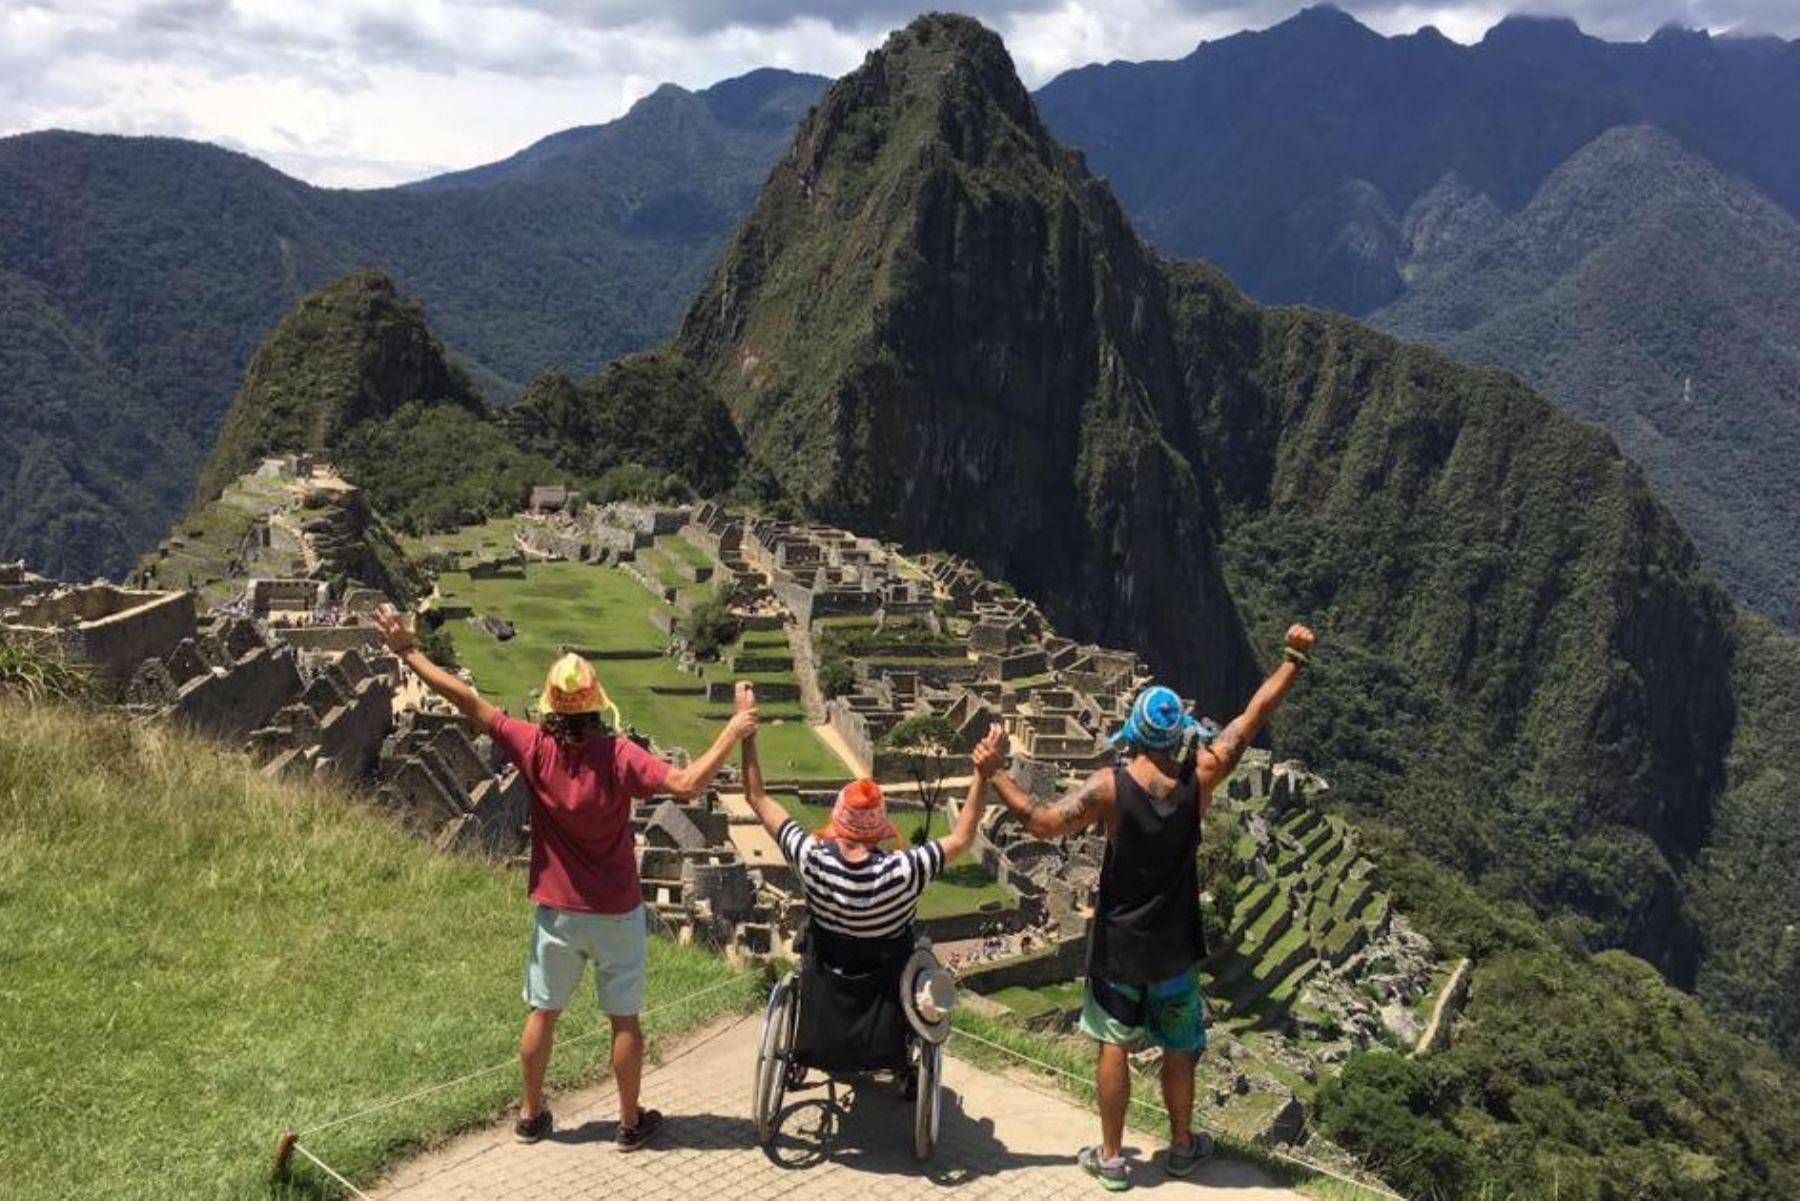 Australiano con discapacidad Philip Stephens cumplió su sueño de conocer Machu Picchu gracias a sus amigos argentinos Emiliano Bisson y Marcos Peluffo. Foto: Instagram/Phillip Stephens